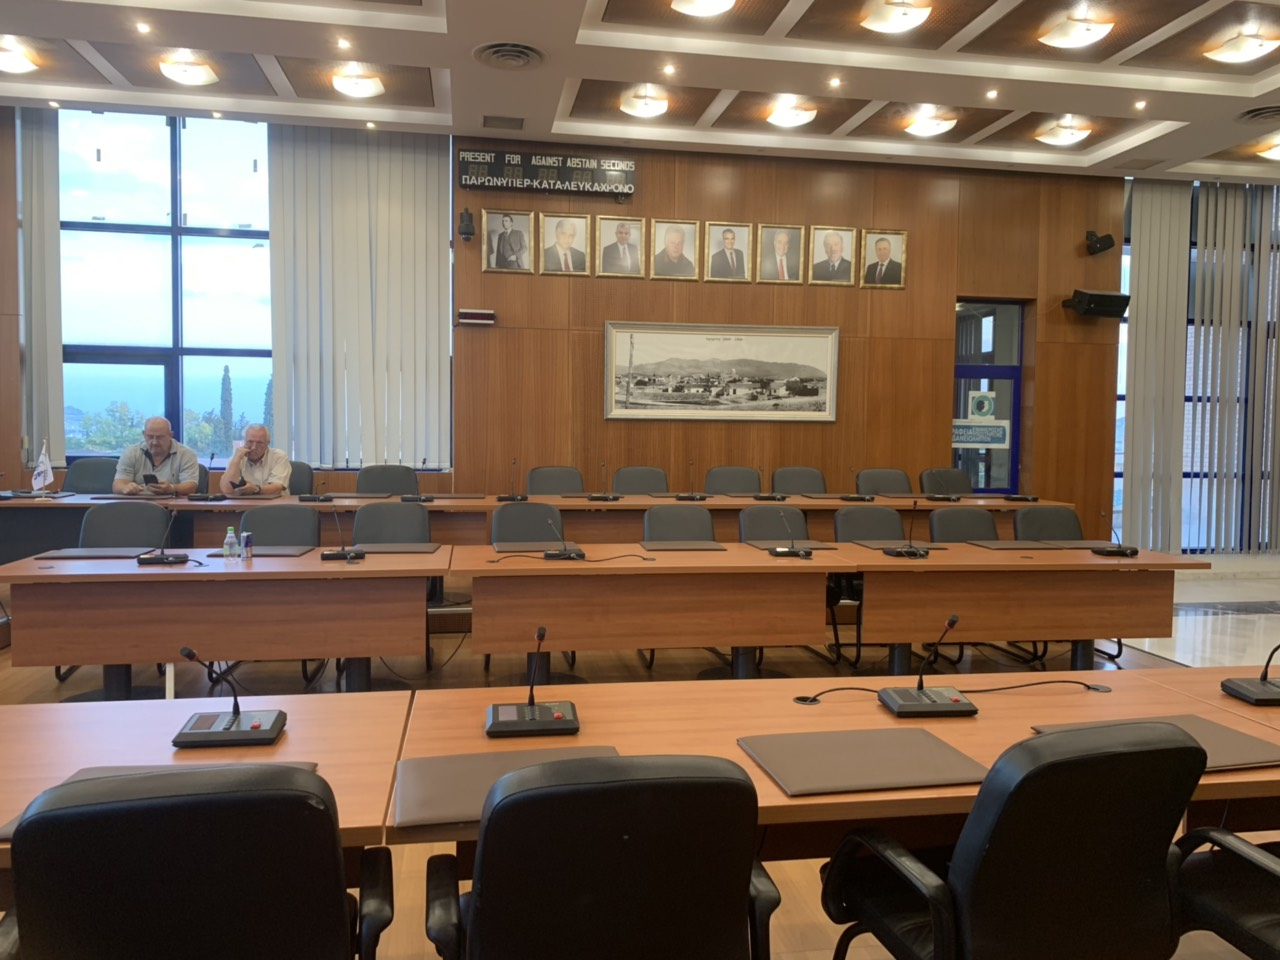 Ανακοίνωση της παράταξης «Αχαρνές – Υπερήφανος Δήμος»